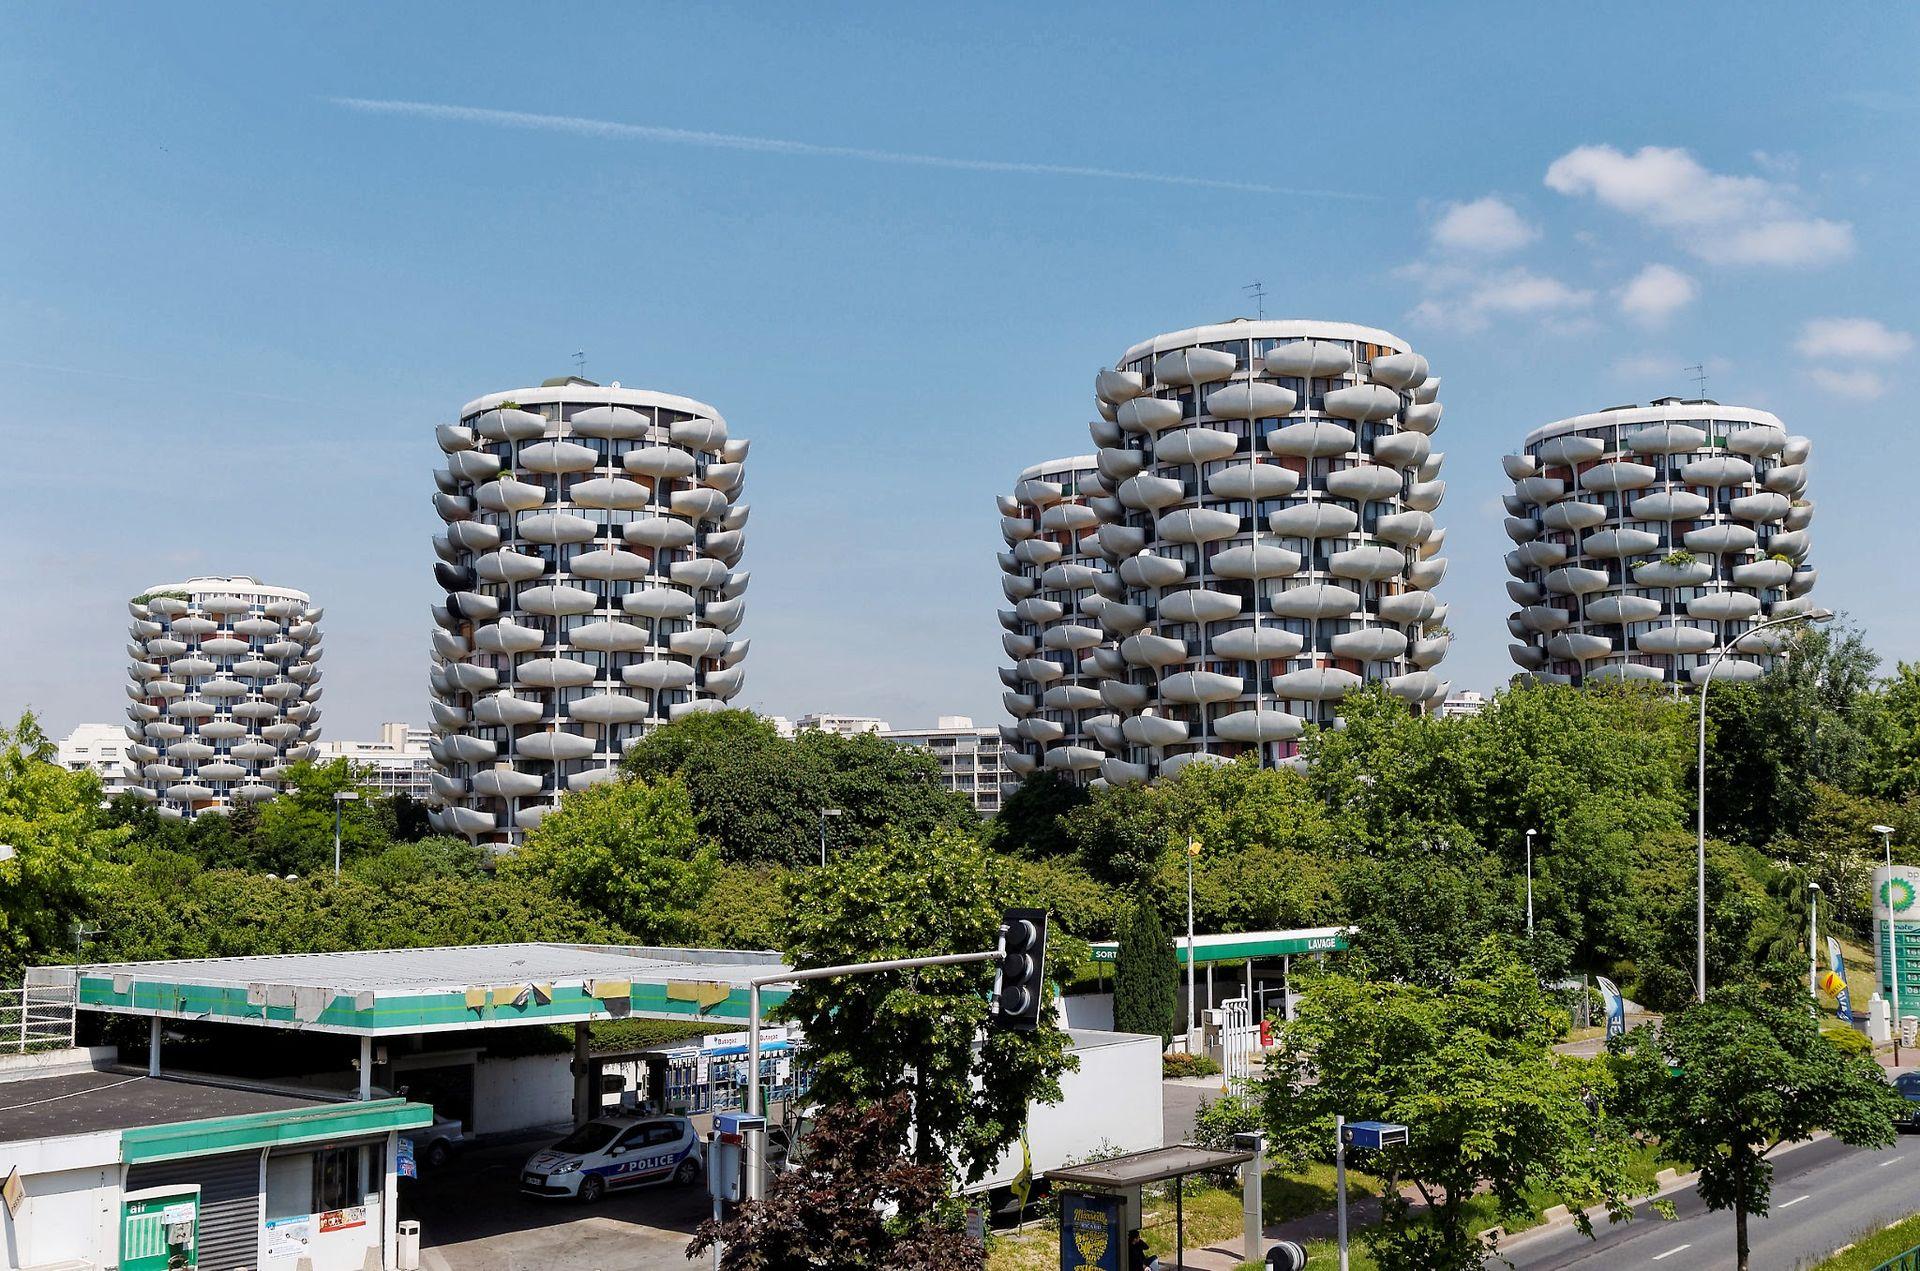 Les Choux de Créteil, réalisés par l'architecte brutaliste Gérard Granval